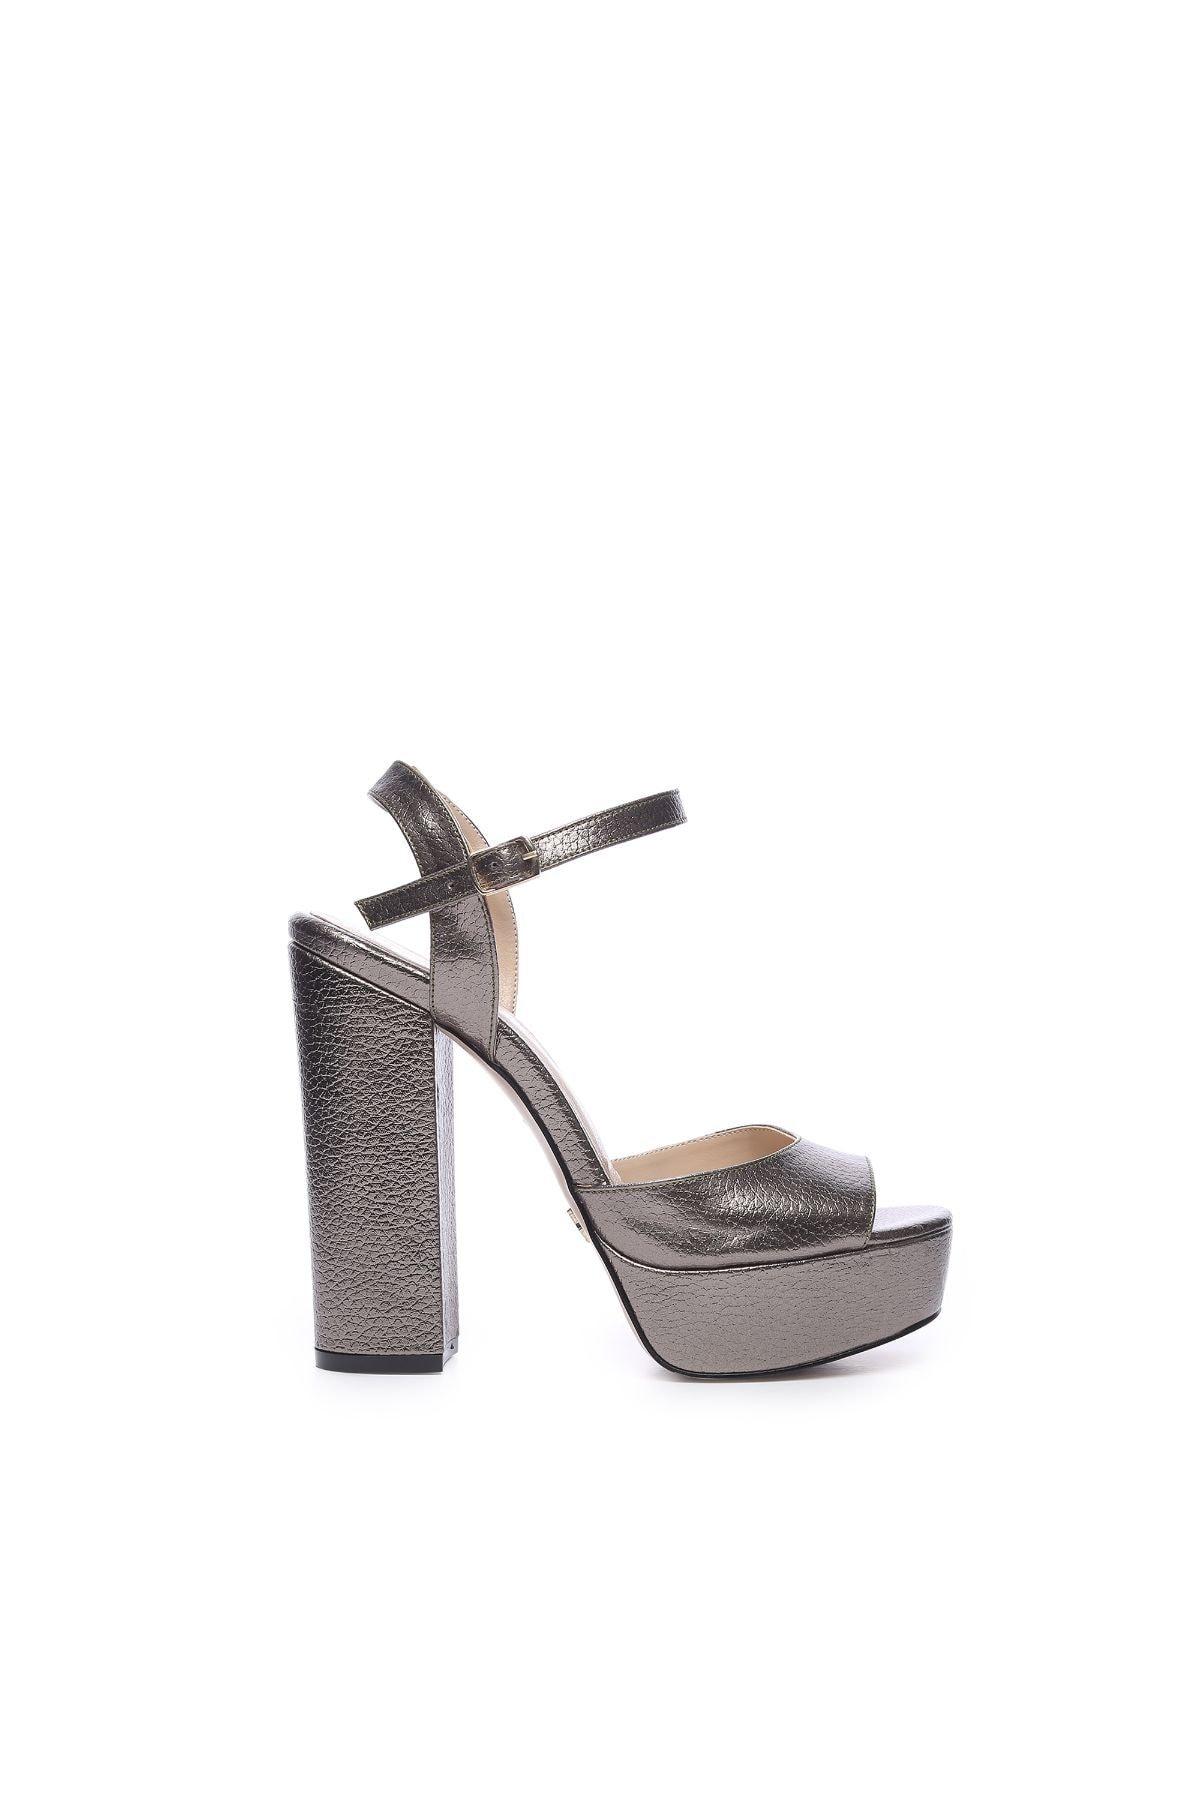 KEMAL TANCA Kadın Derı Topuklu Ayakkabı 539 3104 BN AYK 1